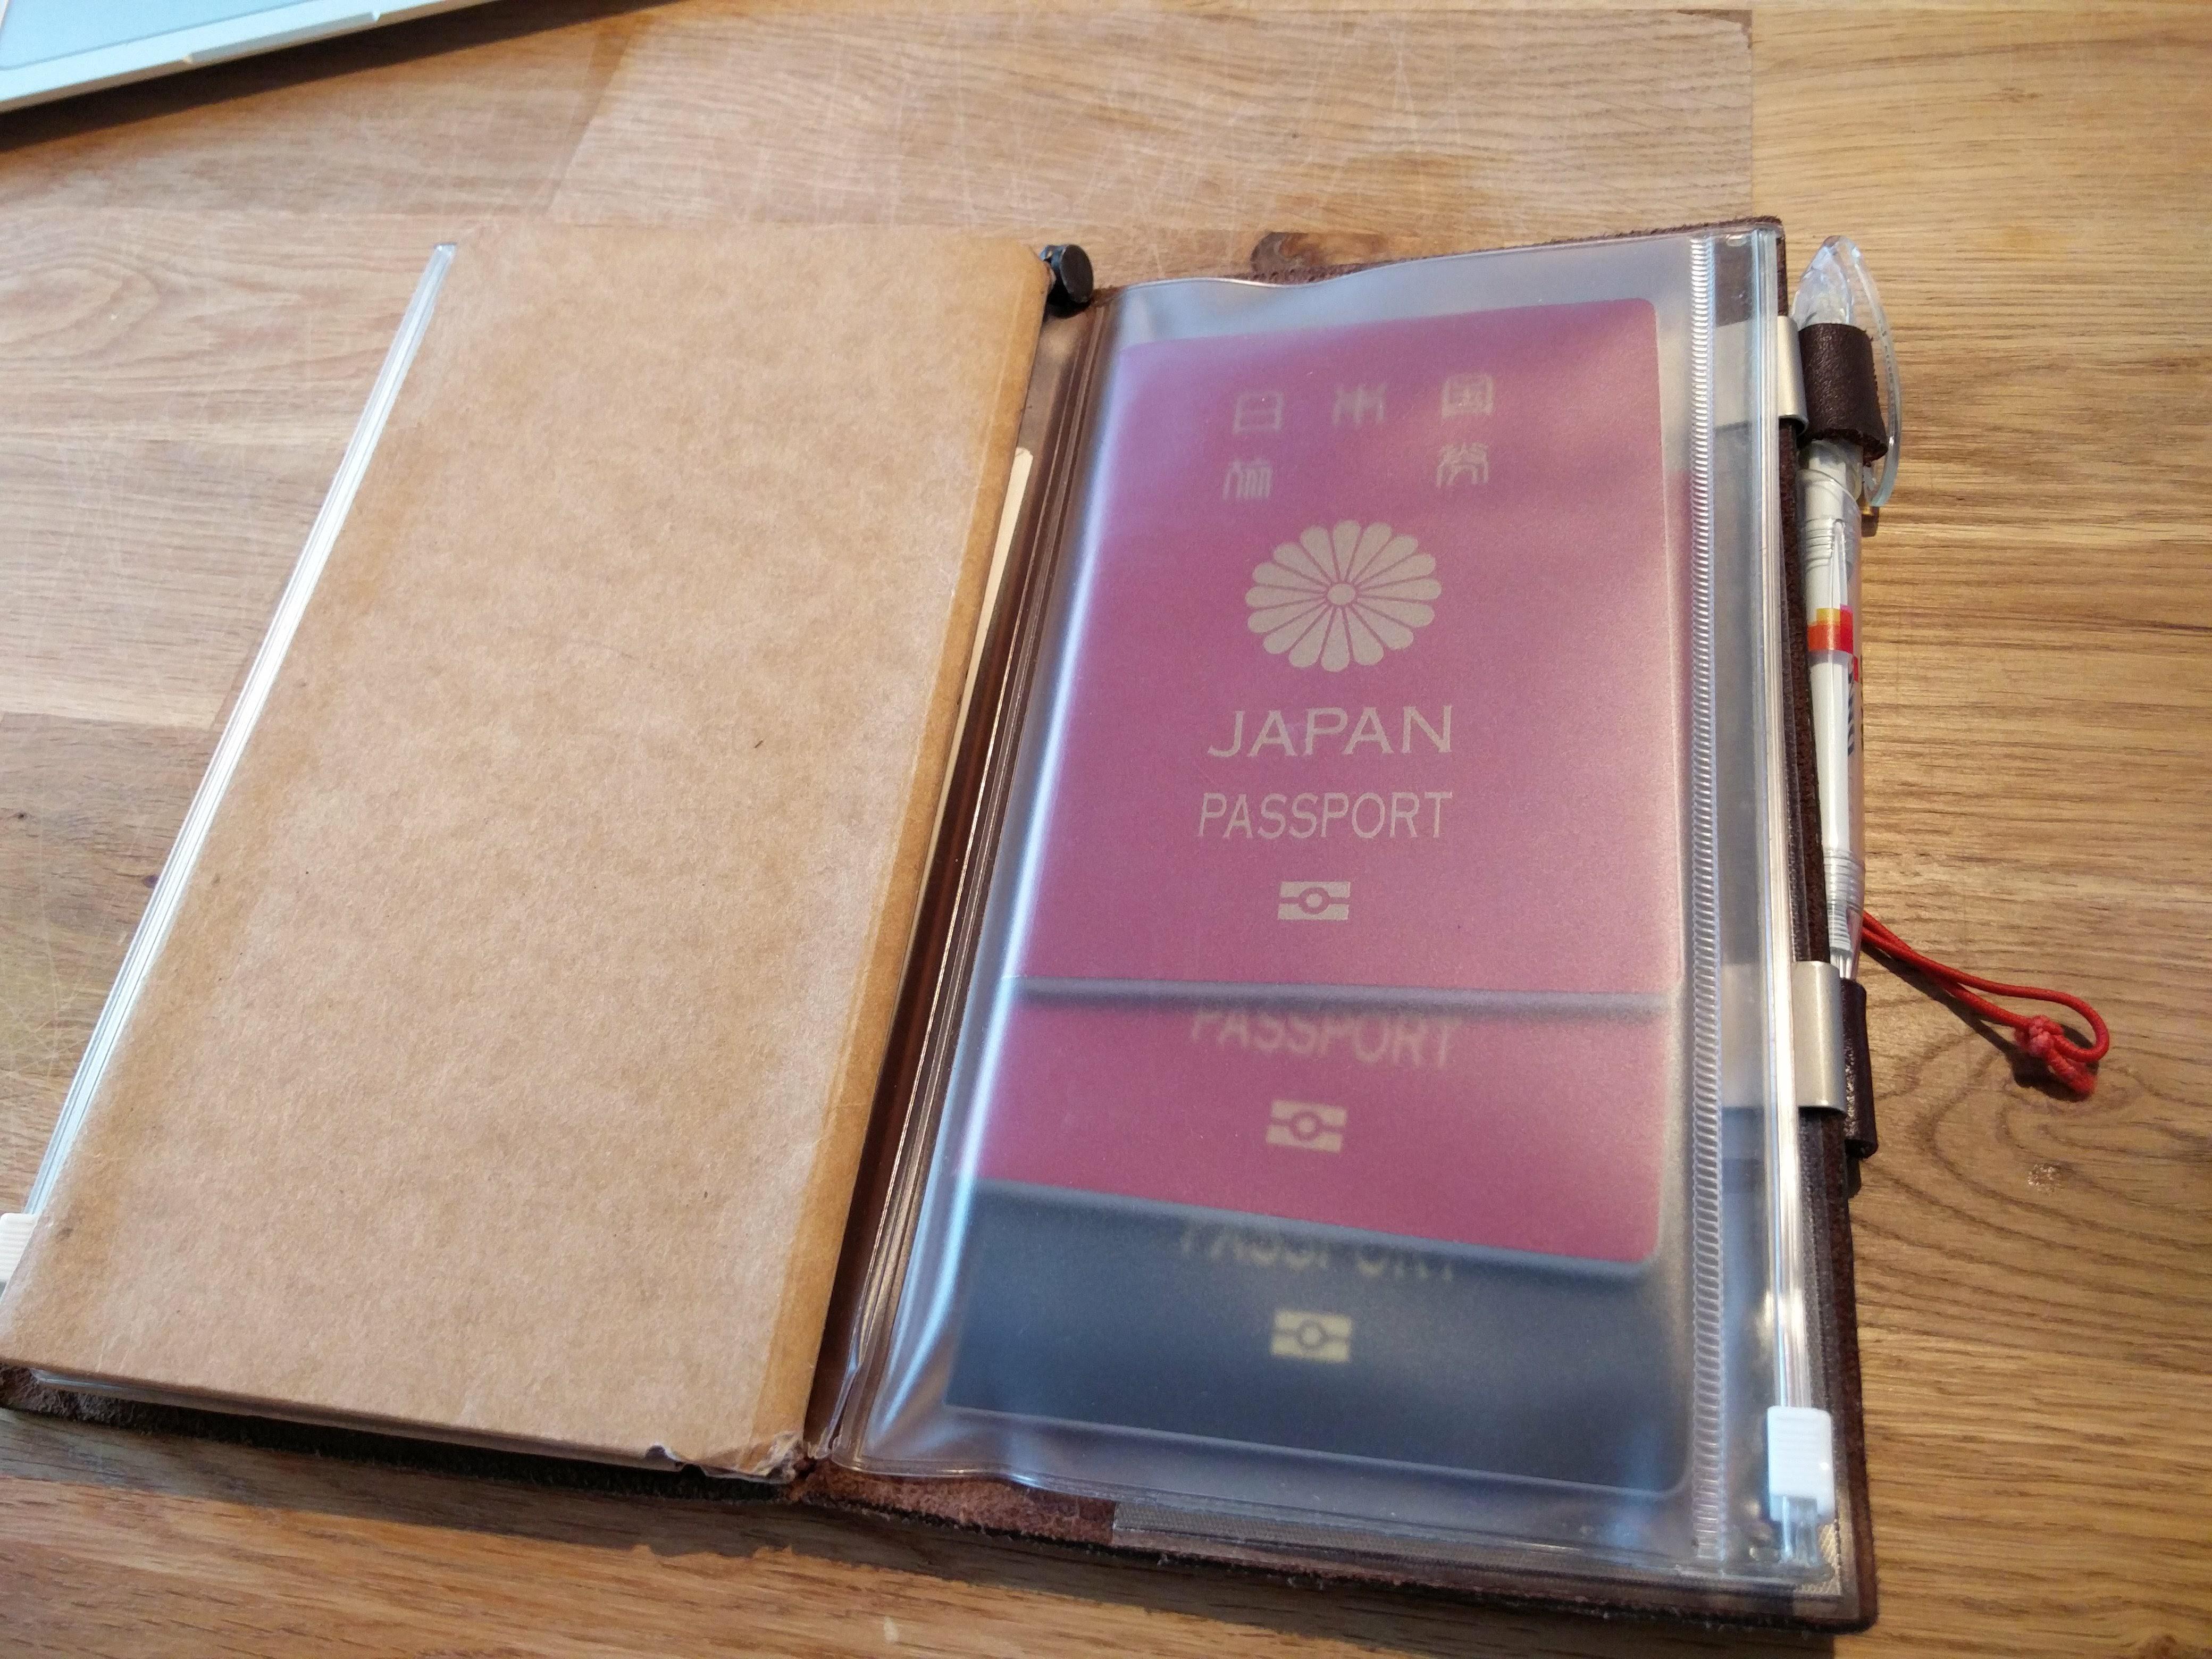 2つ目のジッパーケースには家族のパスポートをまとめて入れている!これが便利なんよねー。